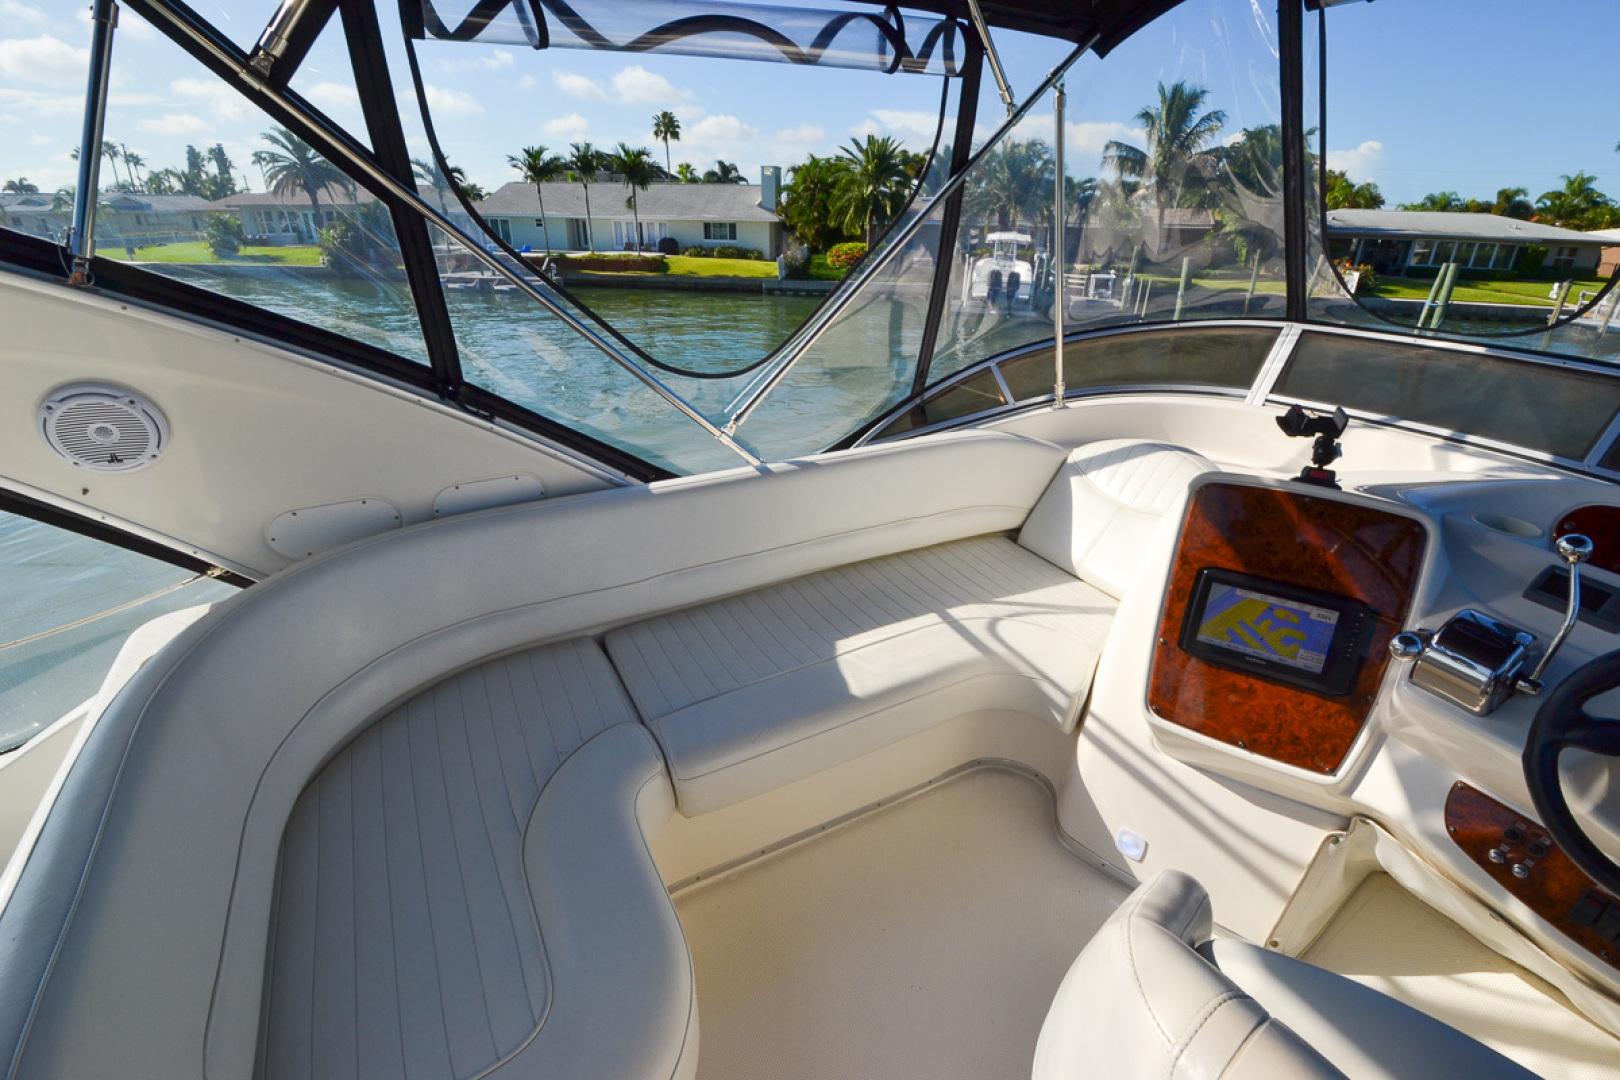 Meridian-341 Sedan 2004-Sea Harmony Belleair Beach-Florida-United States-1496632 | Thumbnail